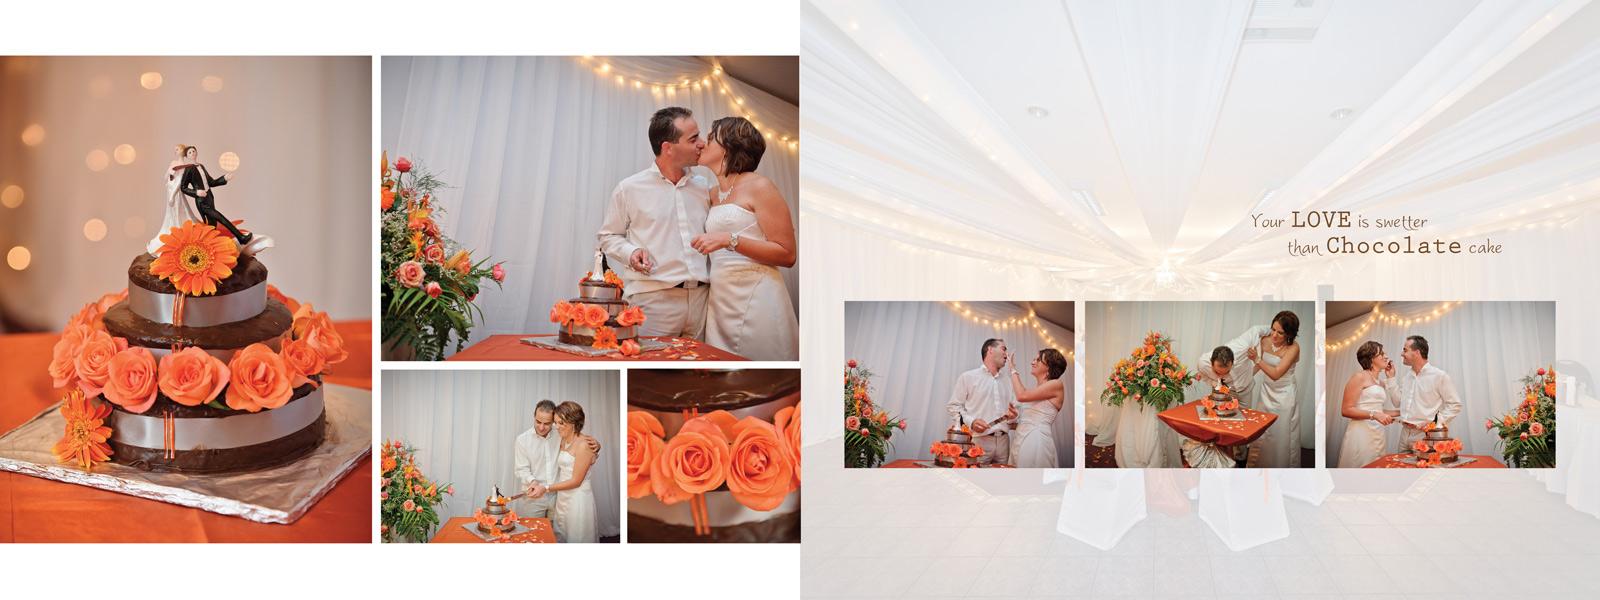 Nathalie Boucry Photography | Charlene and Craig Wedding Album 032